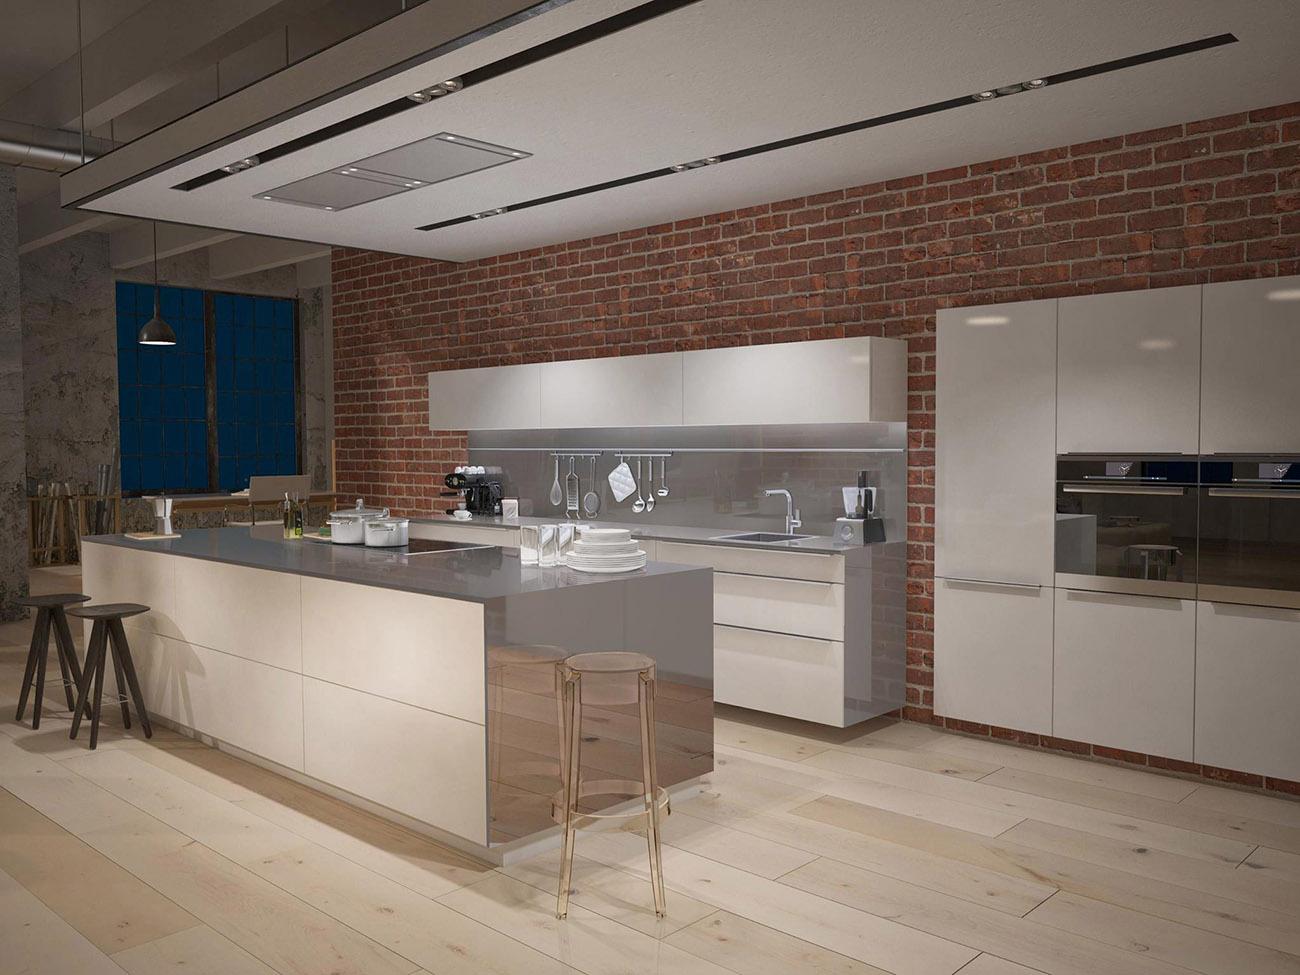 plan de travail atre et loisirs marbrerie vous conseille. Black Bedroom Furniture Sets. Home Design Ideas